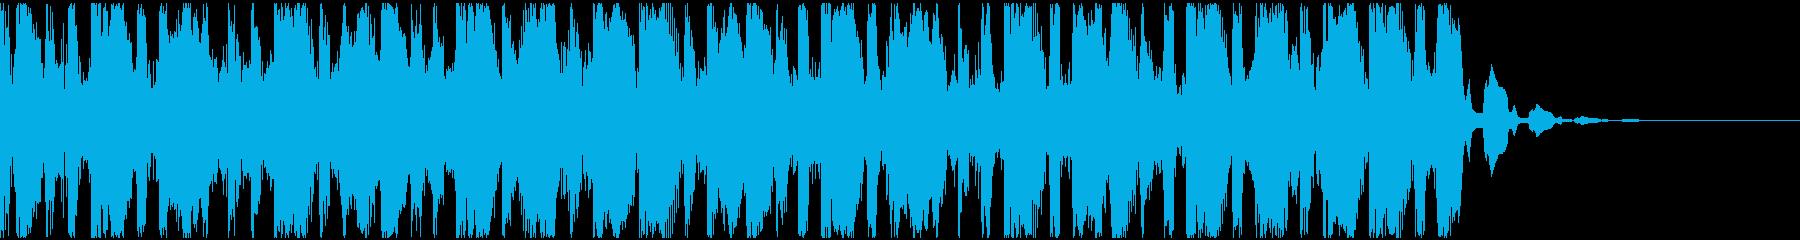 【EDM】トランス、ショート3の再生済みの波形